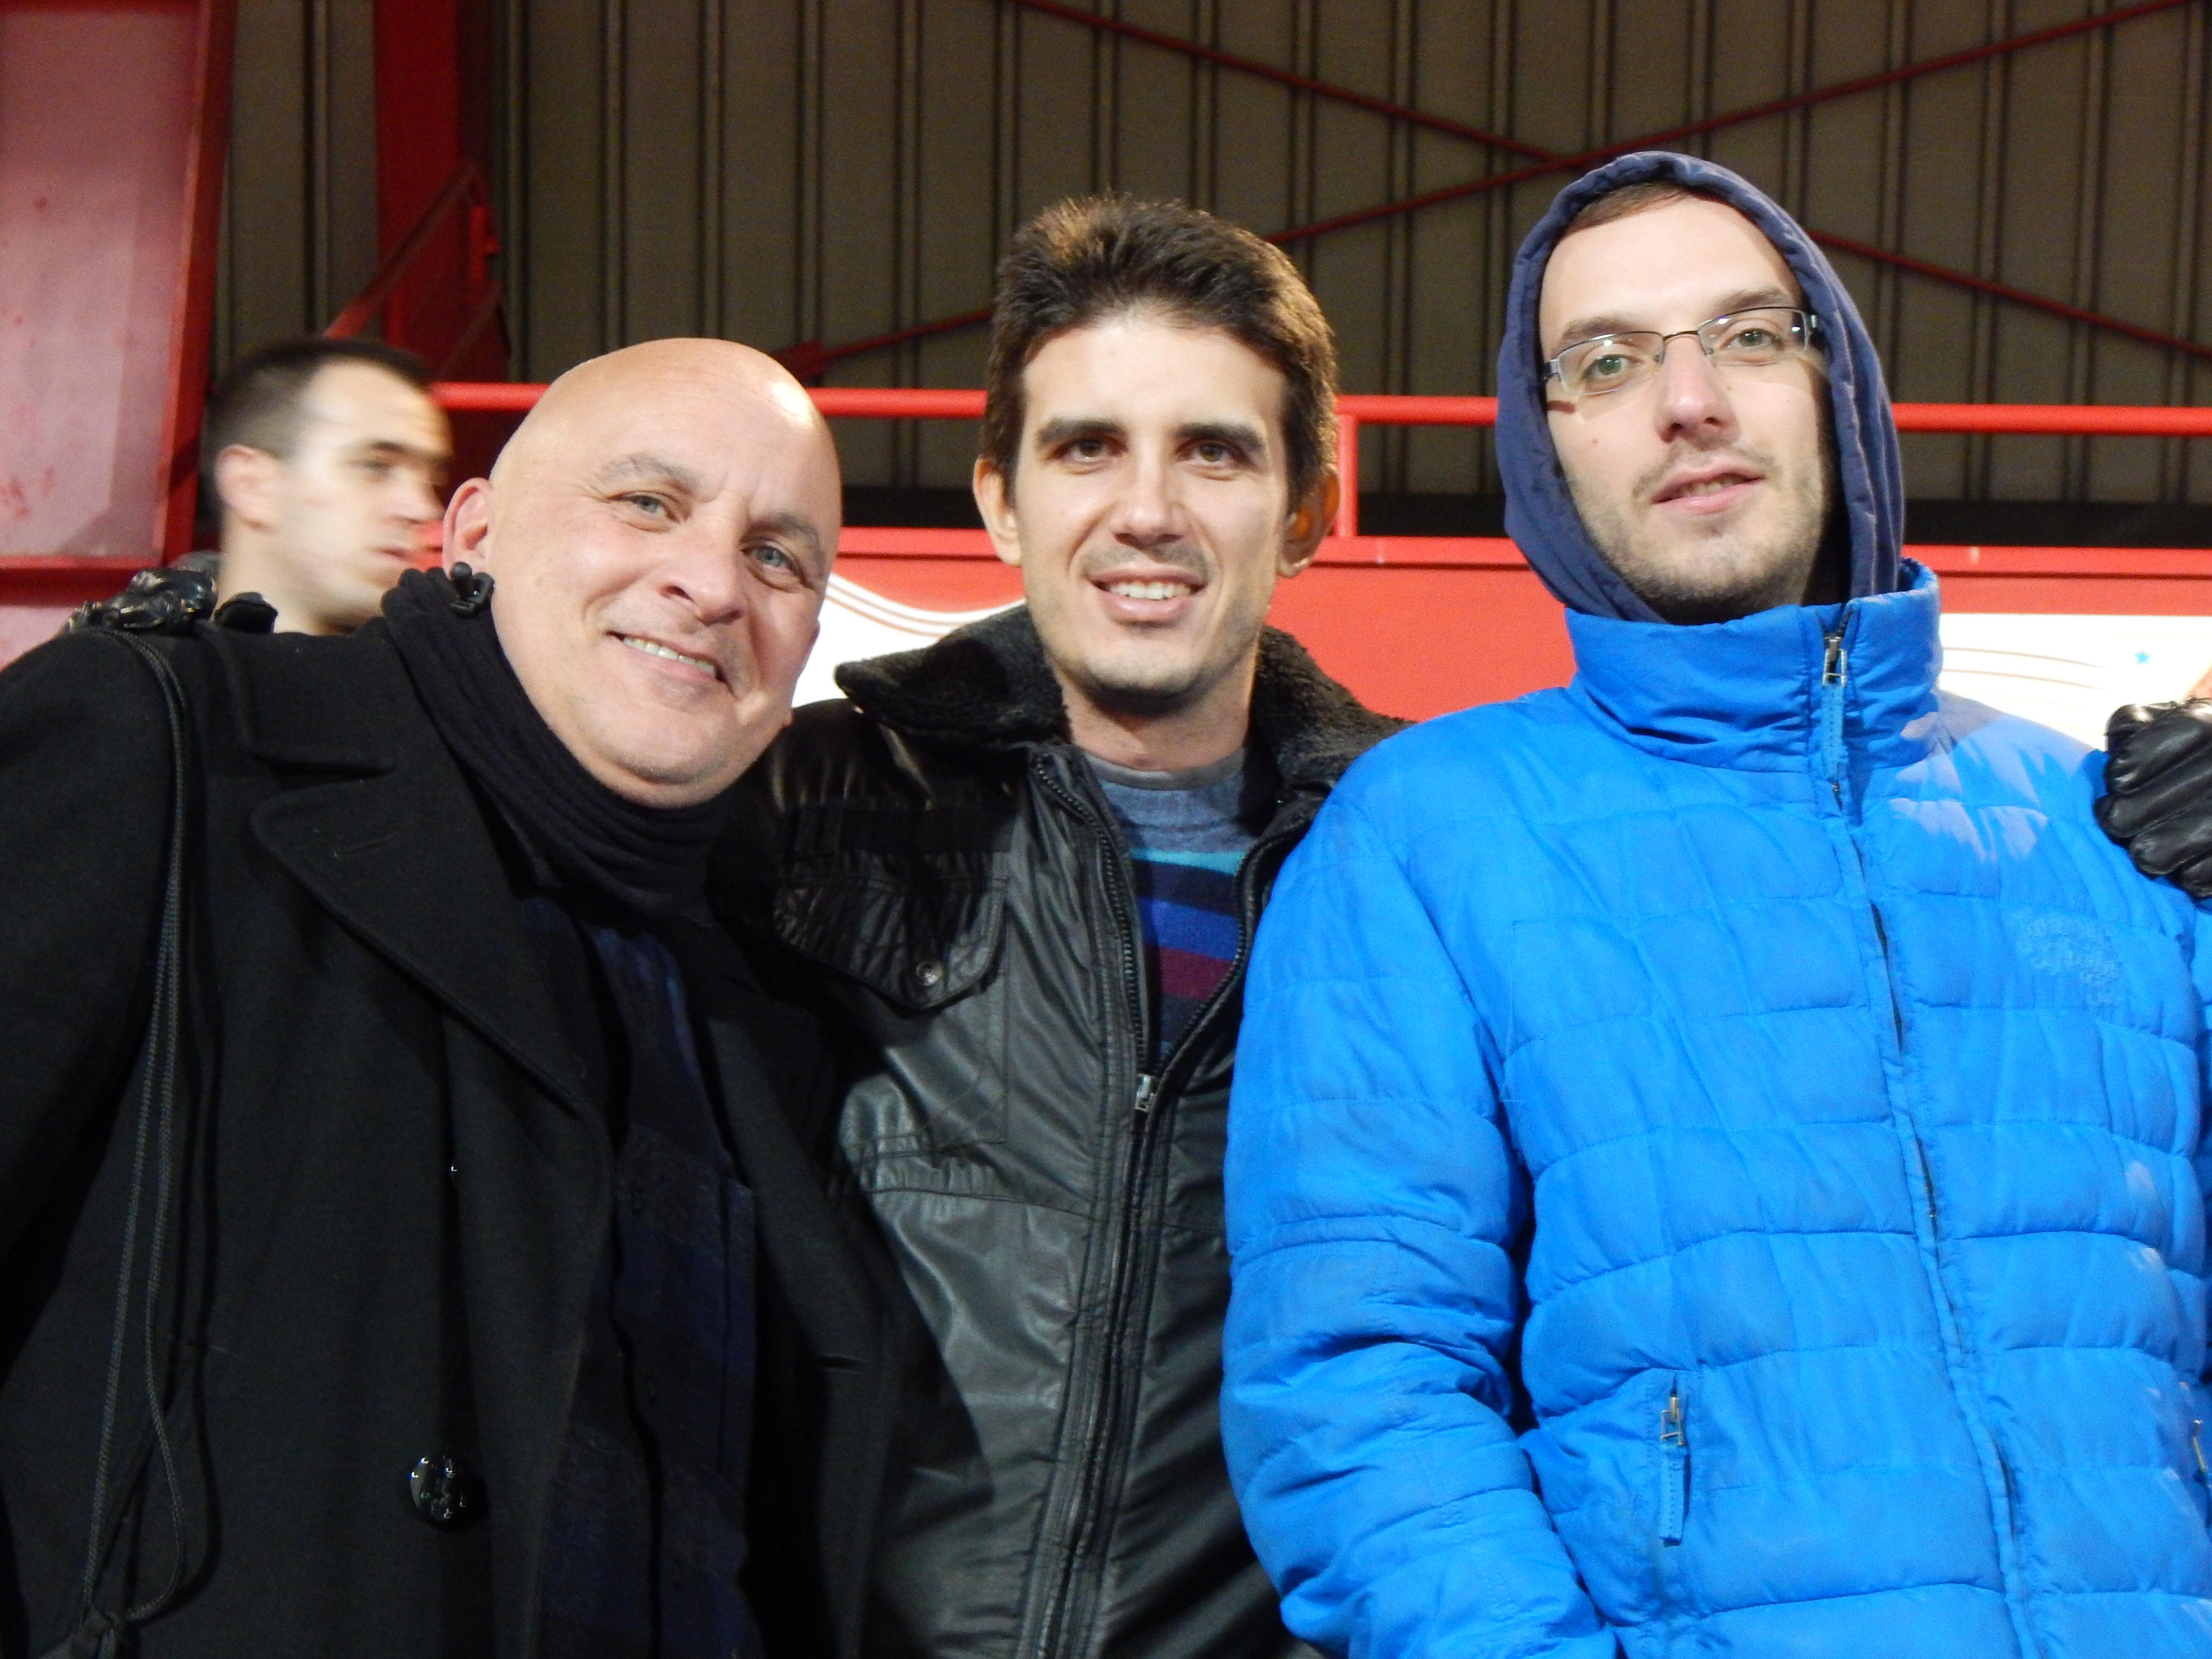 Steve Carpenter Bogdan Mitrovic and Aleks Pekovic left to right